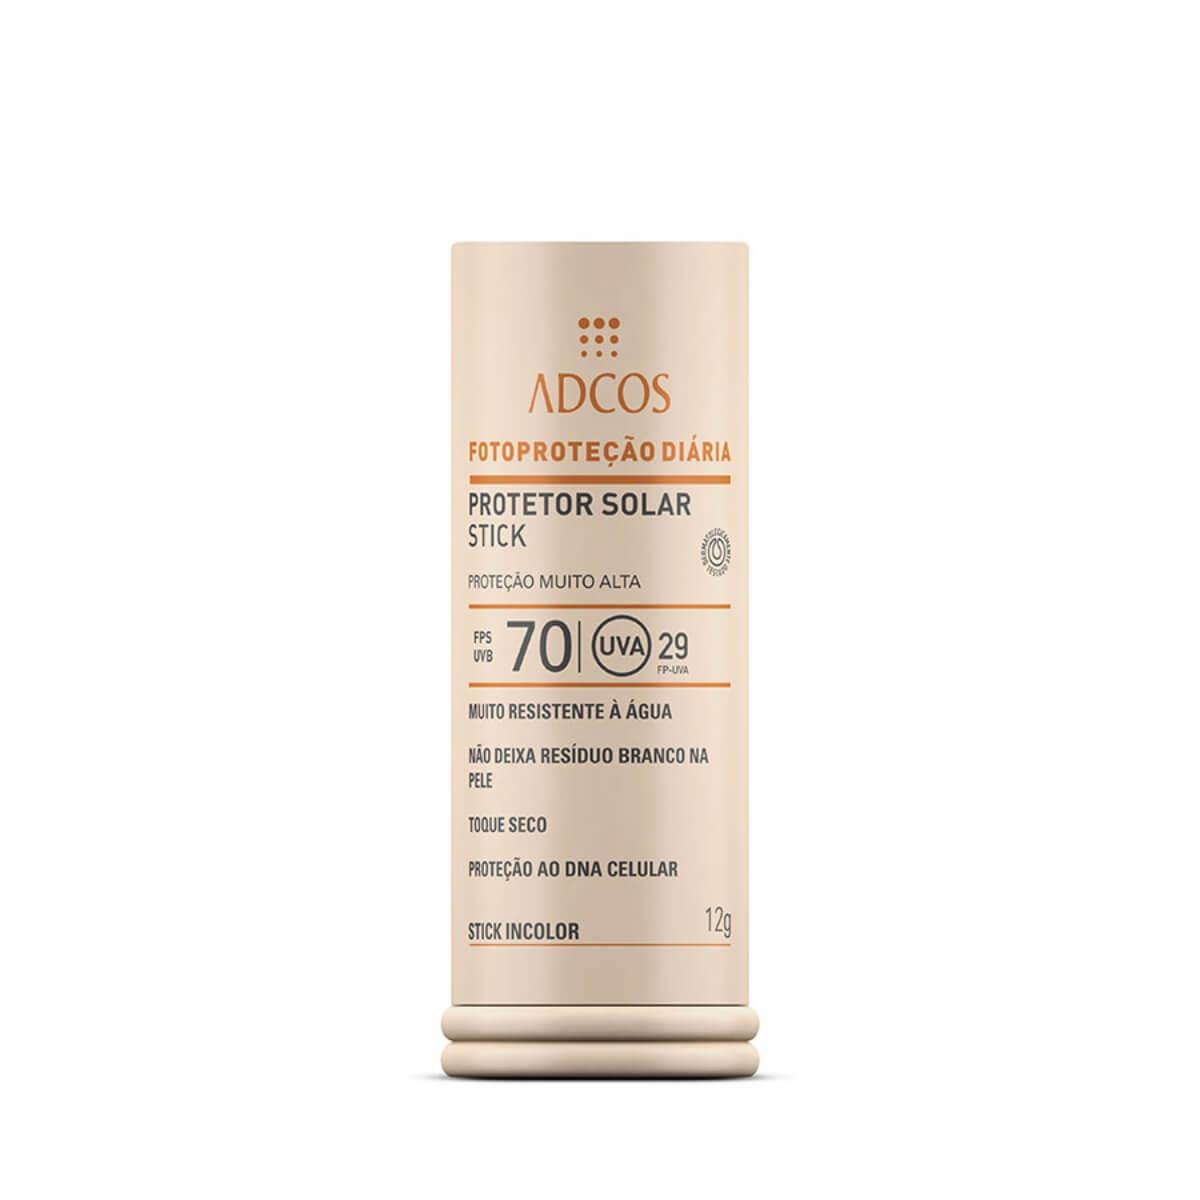 Protetor Solar Facial Stick Adcos Base Bastão Incolor FPS 70 com 12g 12g